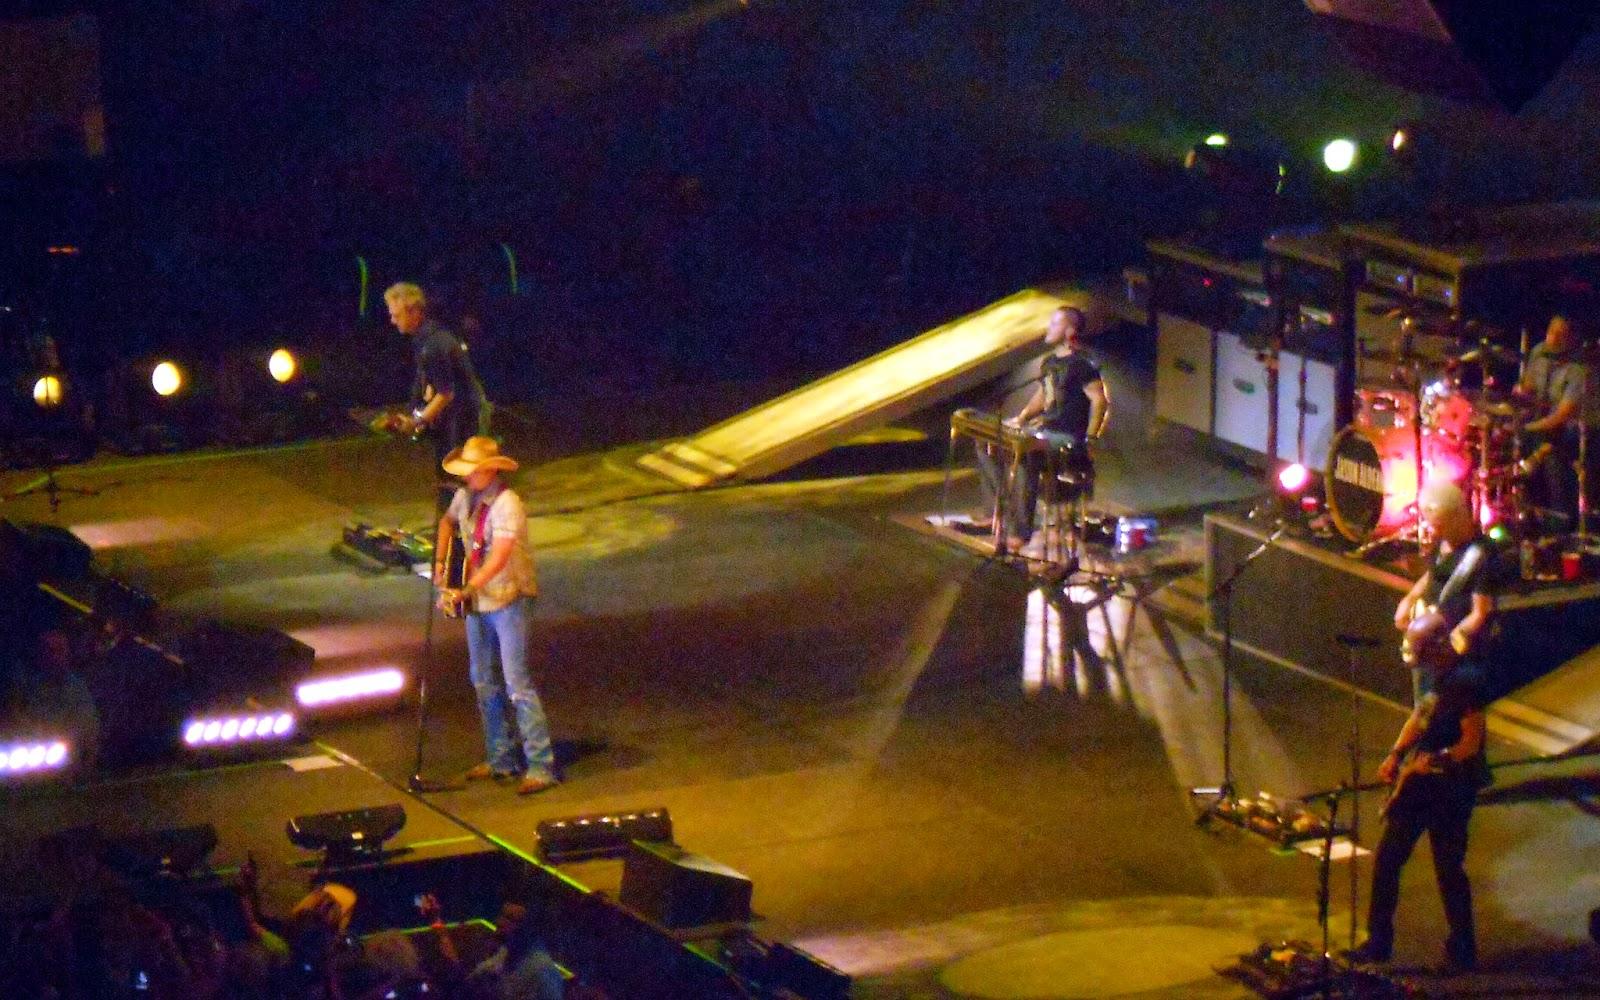 Jason Aldean / Chris Young & Thompson Square Concert